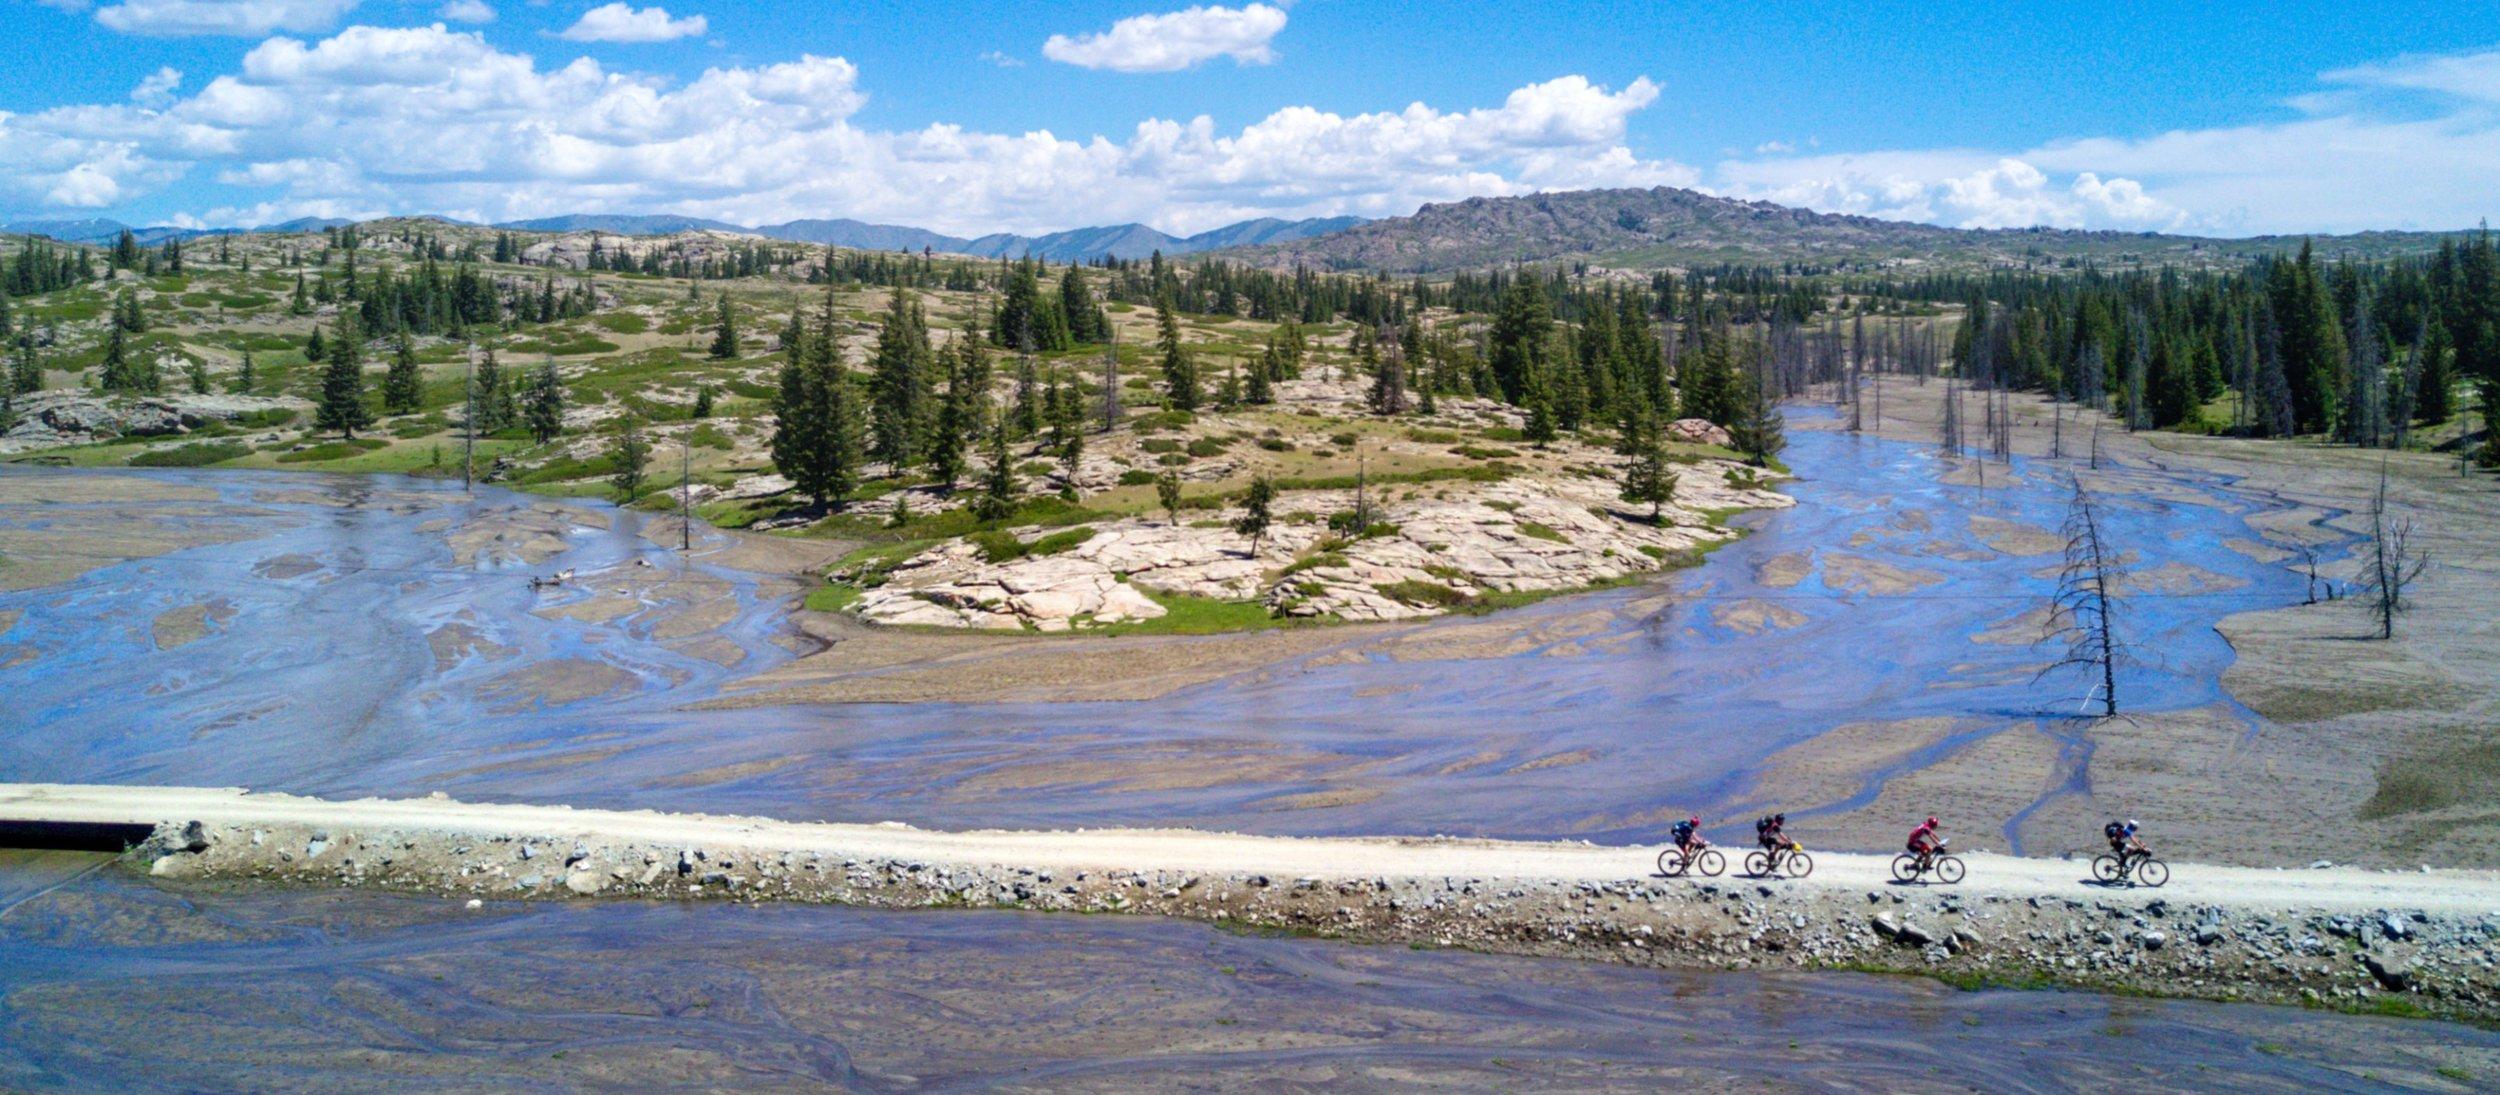 Wild Xinjiang terrain, Xtrail Altay